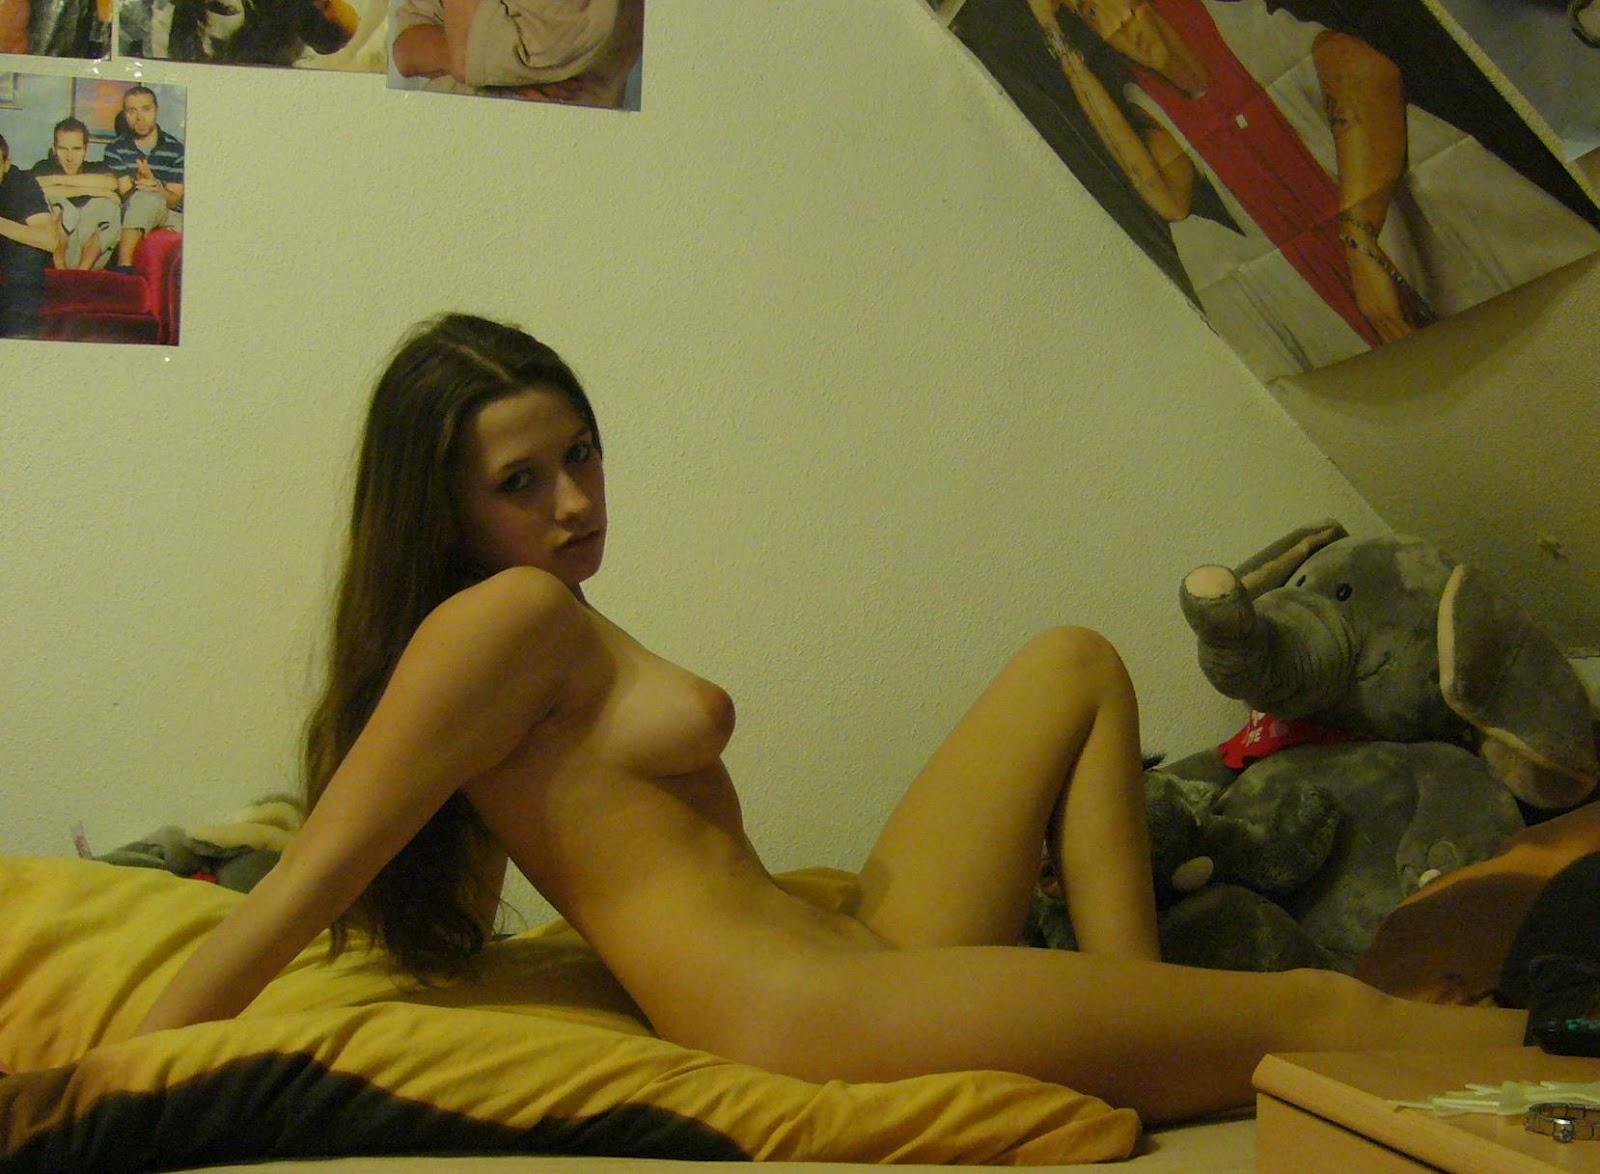 En Su Cuarto Autofotos De Una Jovencita A Itos Desnuda